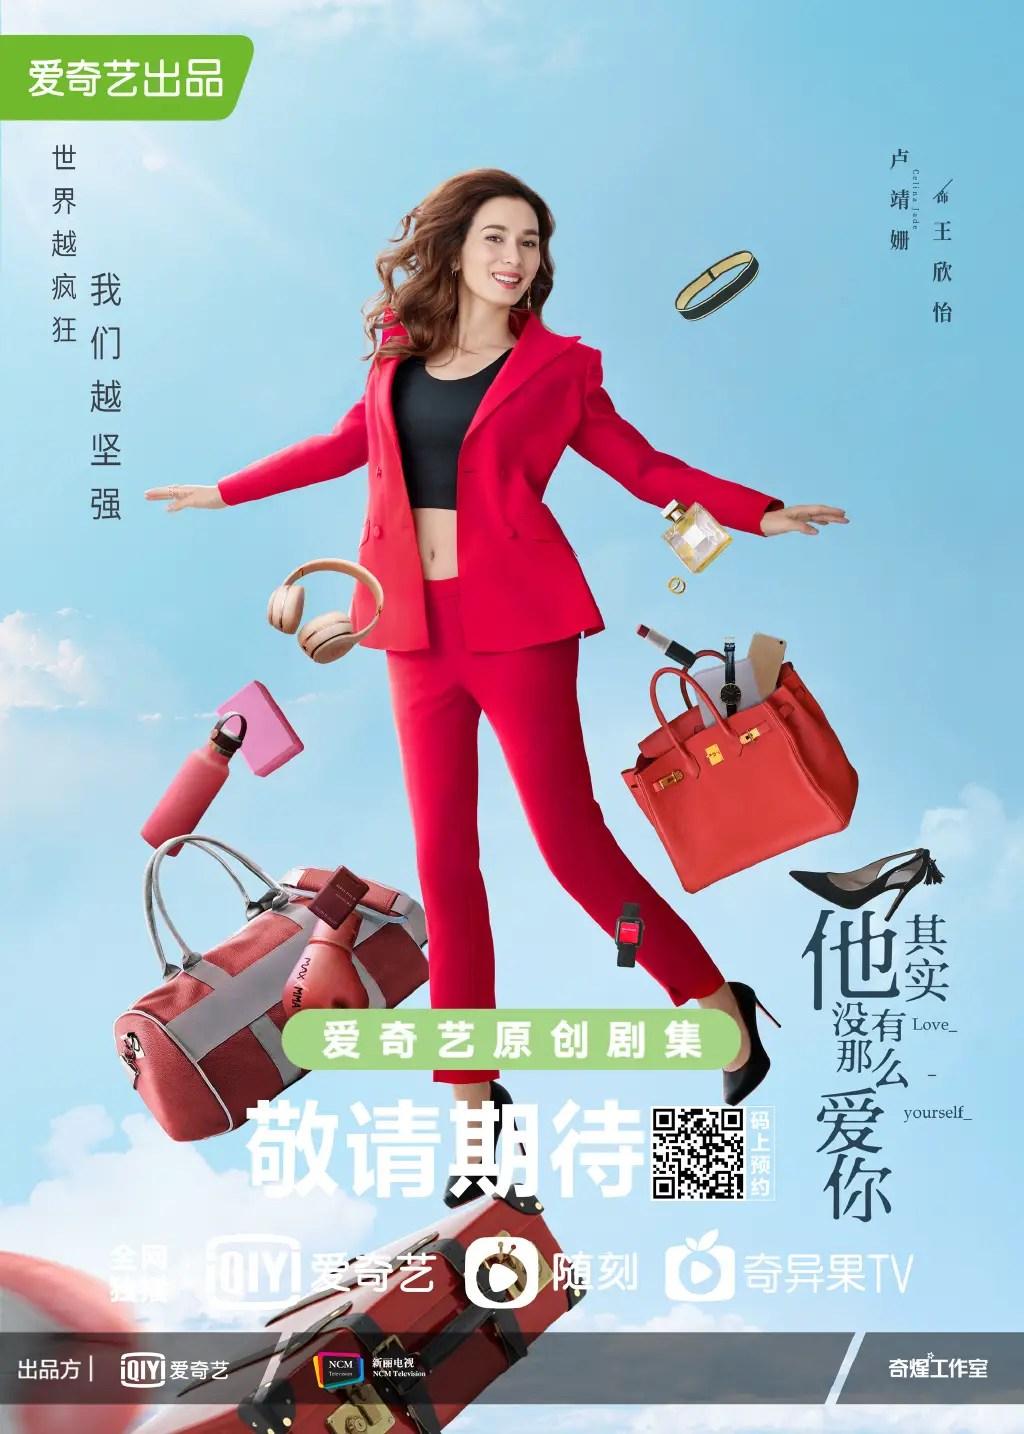 Lu Jing Shan